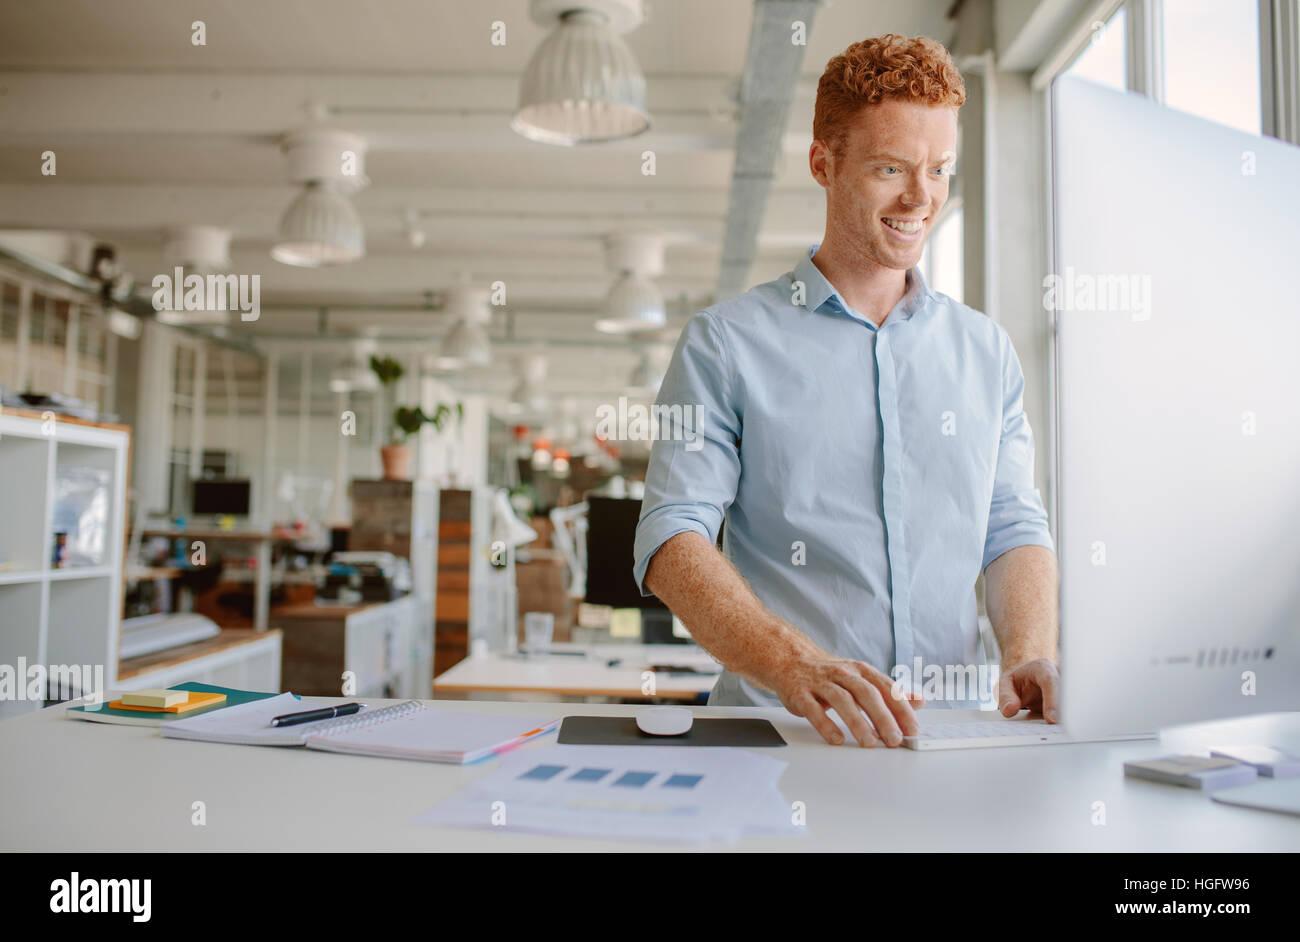 Schuss von glücklicher junge Mann an seinem Schreibtisch stehen und arbeiten am Computer. Geschäftsmann, Stockbild